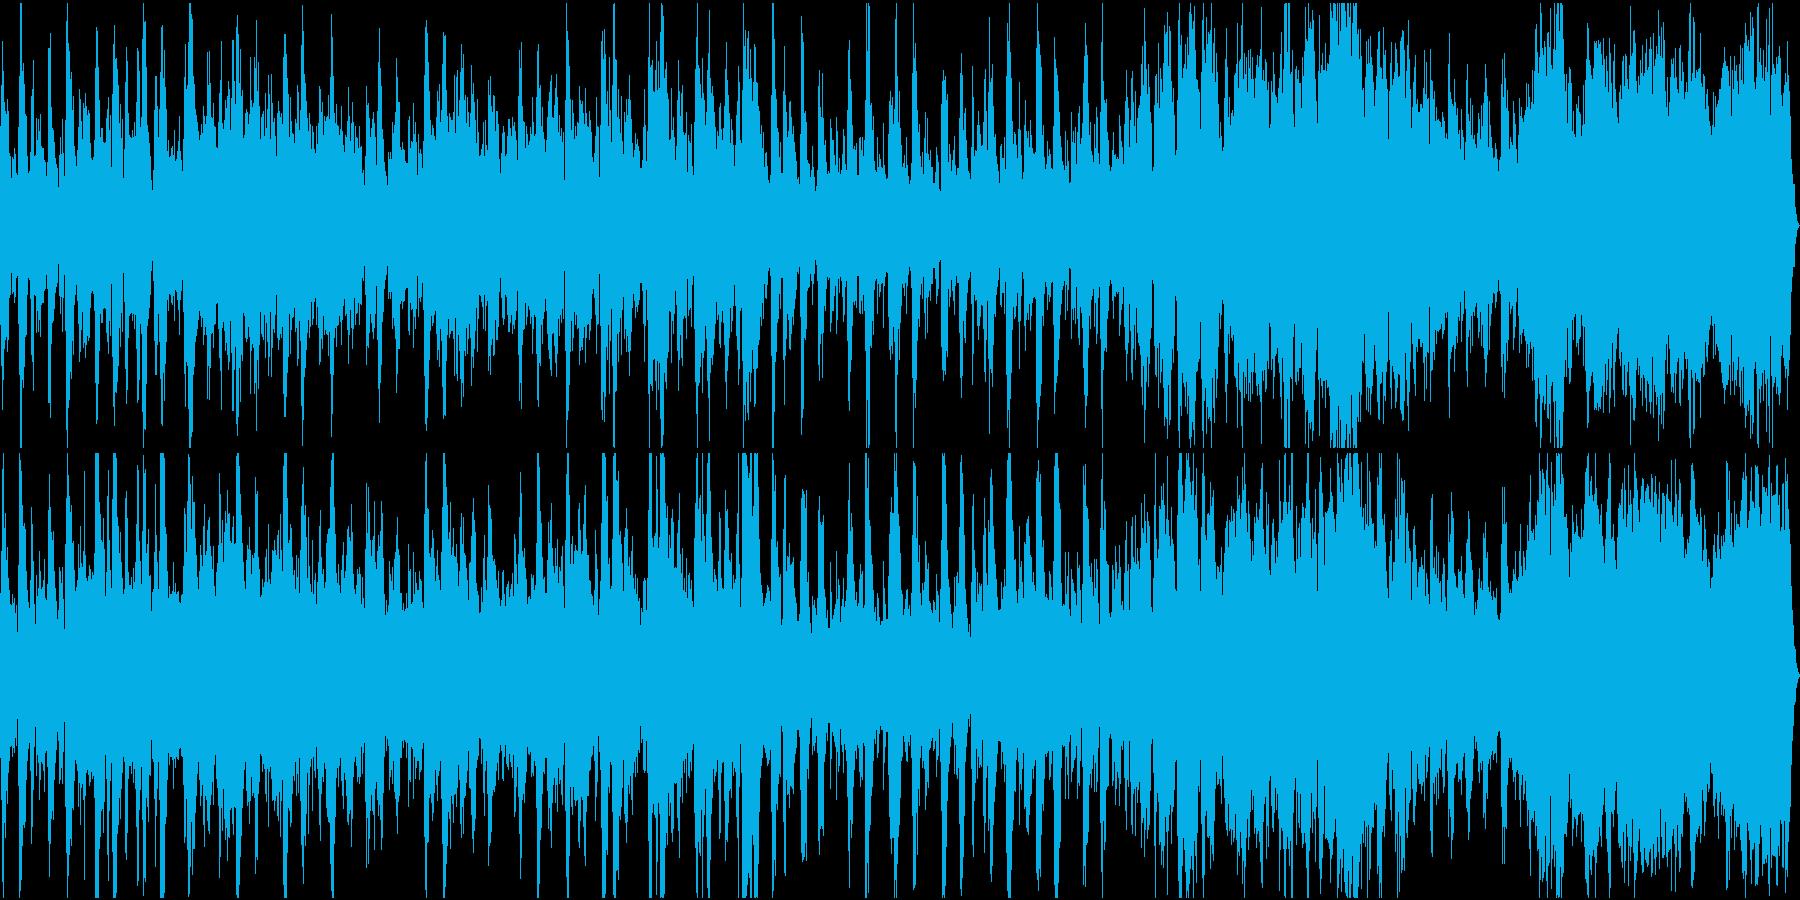 緊迫感のあるオーケストラ風行進曲の再生済みの波形